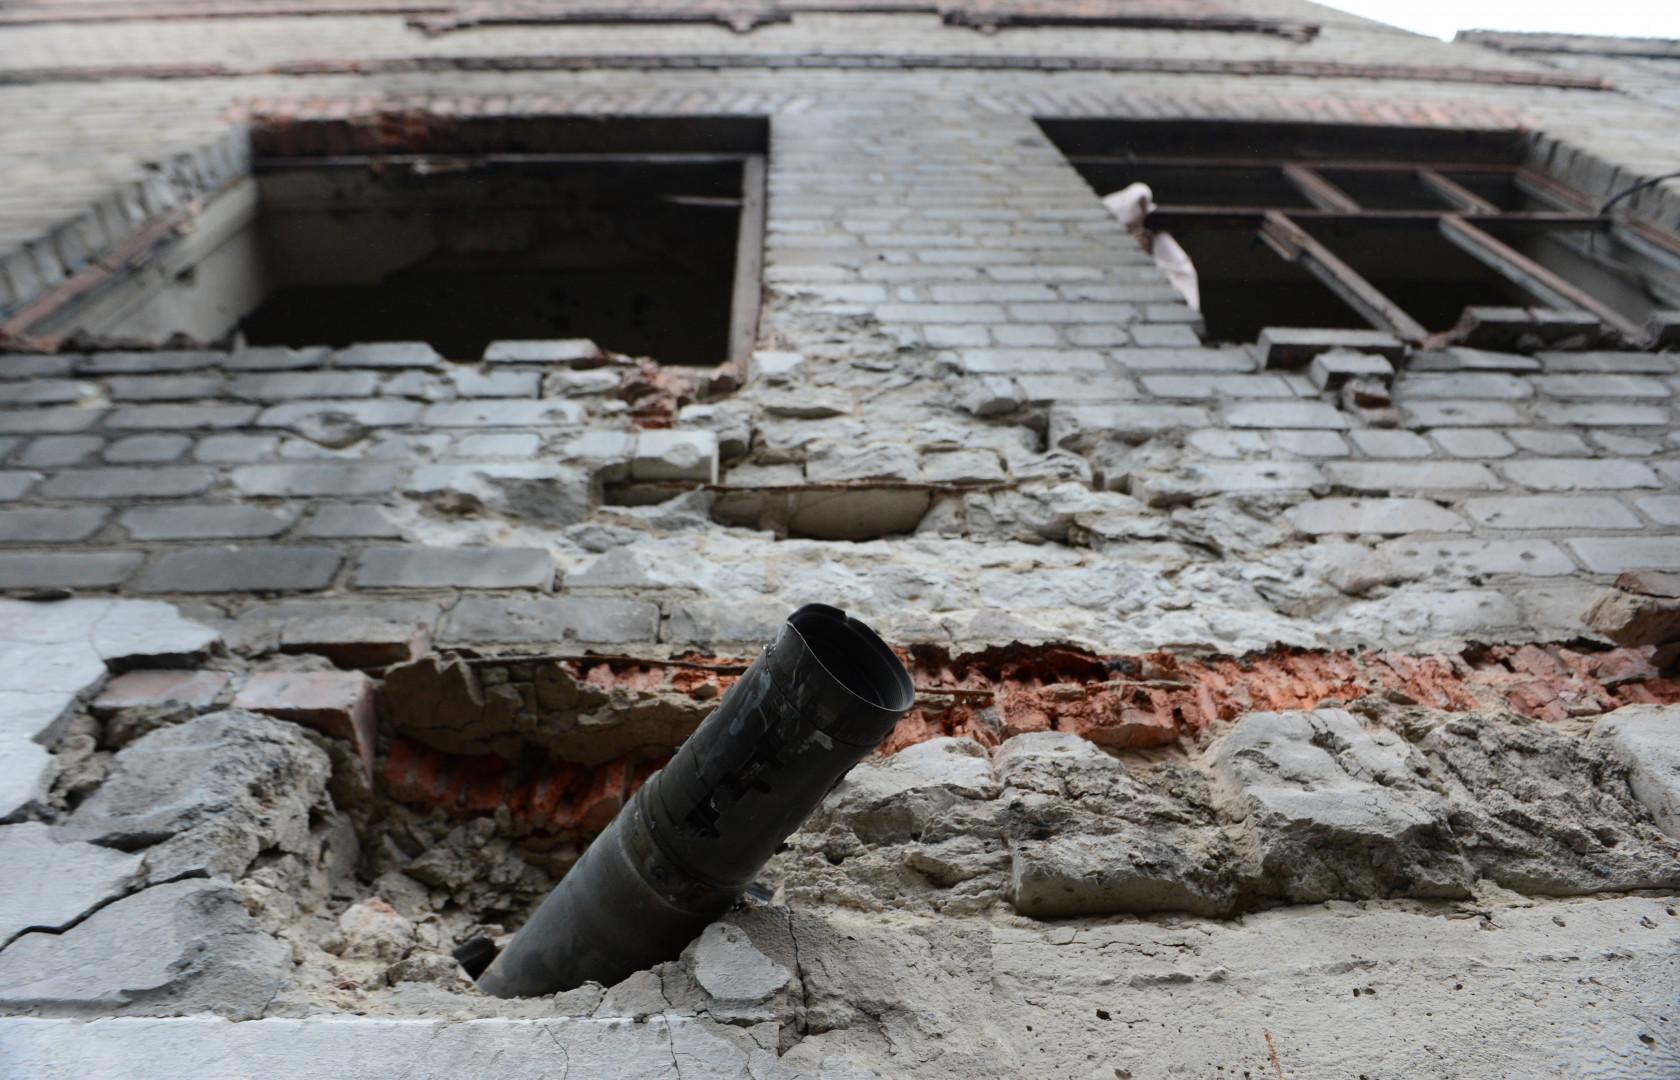 La façade d'une prison à Chornukhyne. Seuls 4 des 300 détenus y sont encore captifs